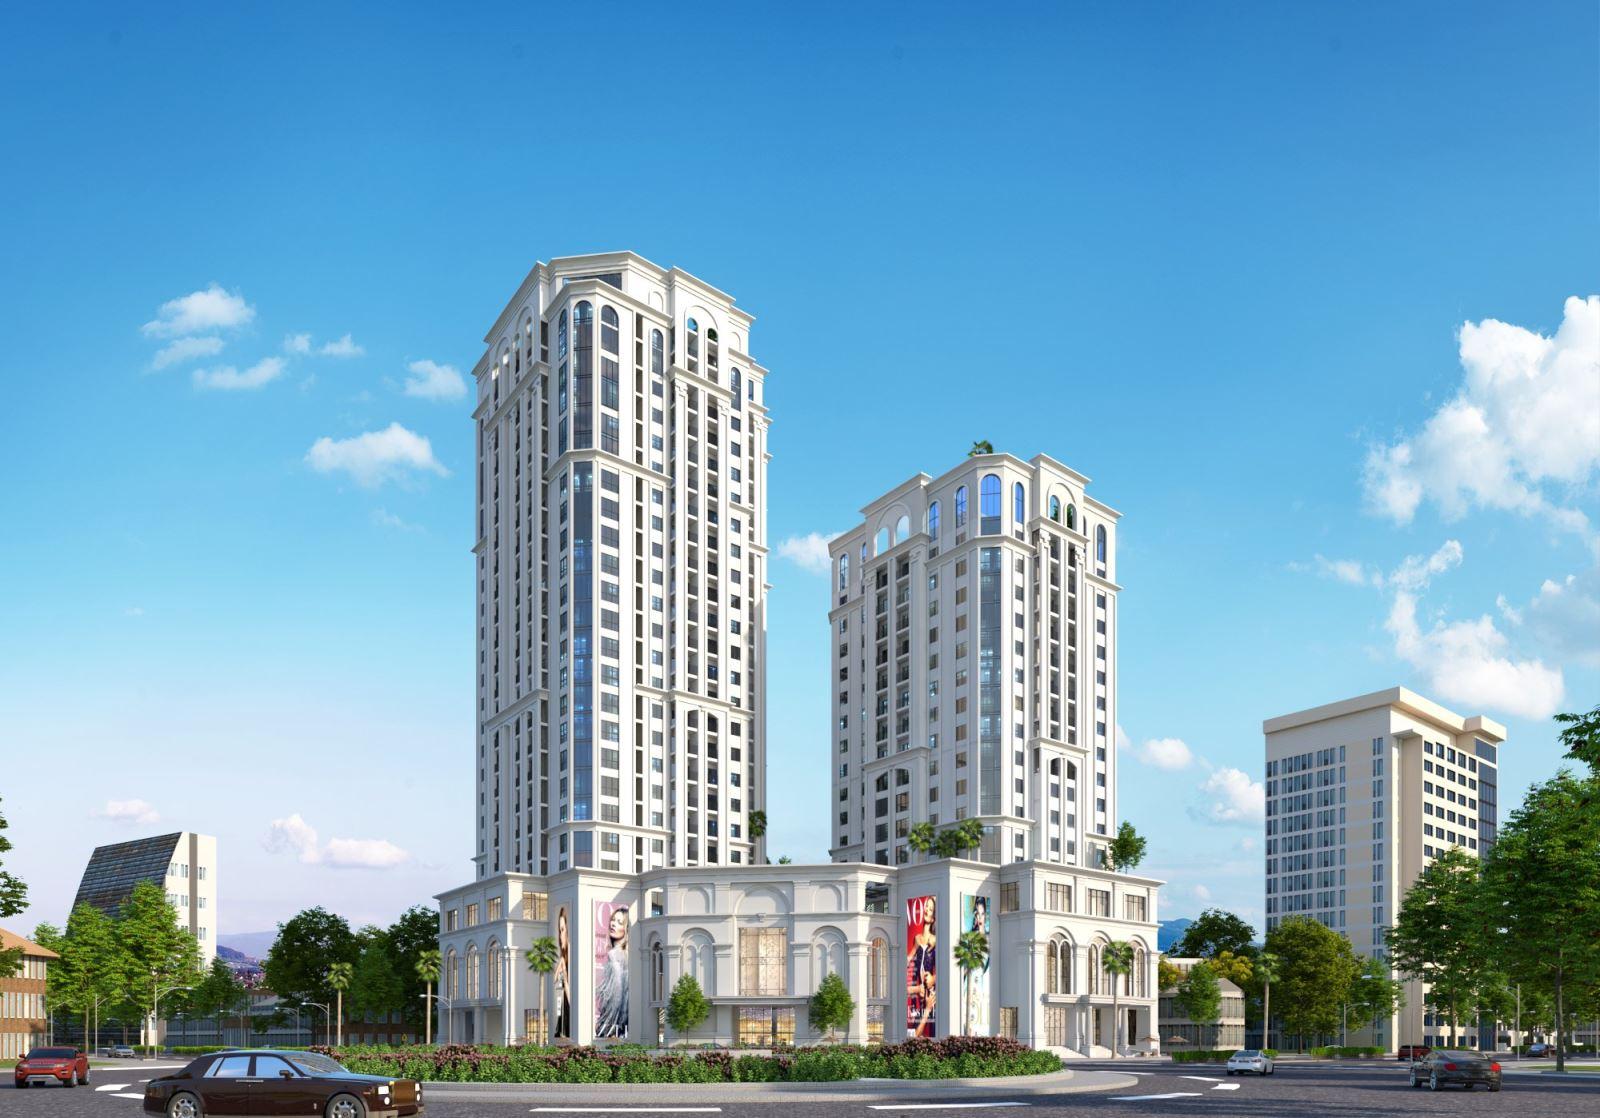 Tái khởi động dự án tháp đôi 680 tỷ đồng trên 'đất vàng' TP Thái Nguyên - Ảnh 1.